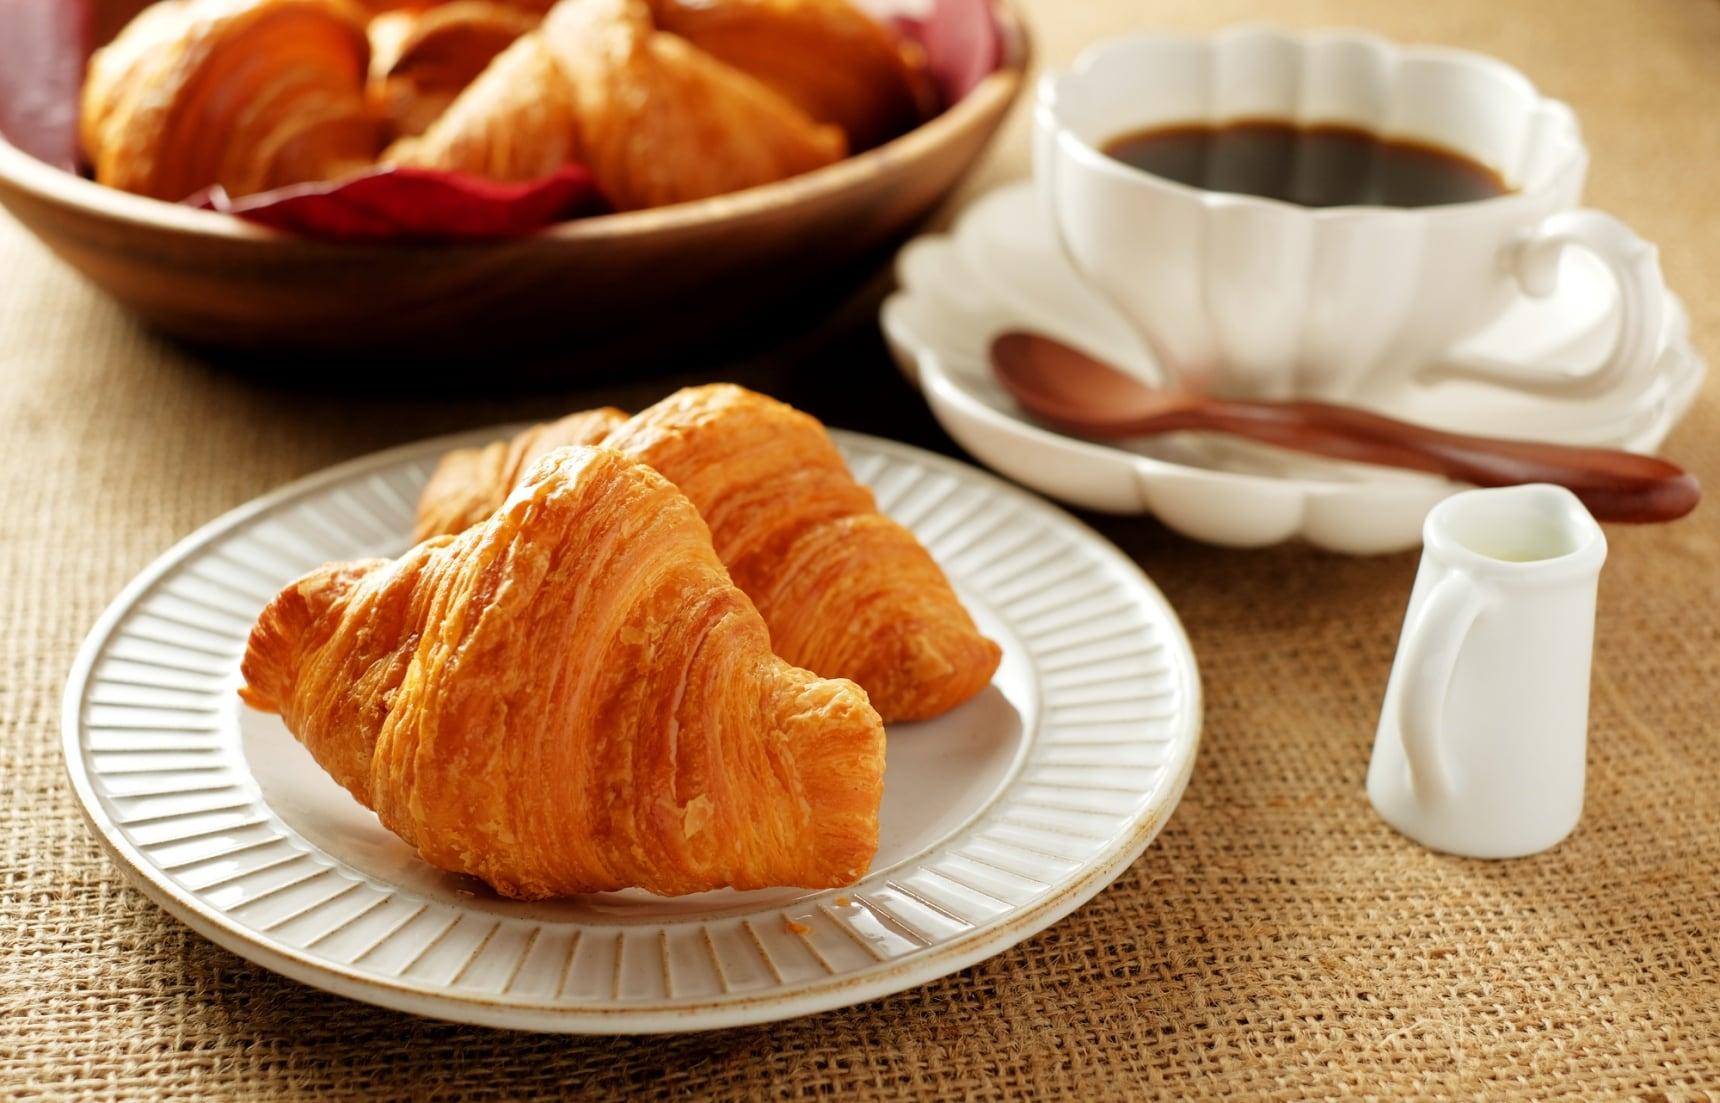 【東京美食】5間東京在地人的私房咖啡店與喫茶店推薦名單